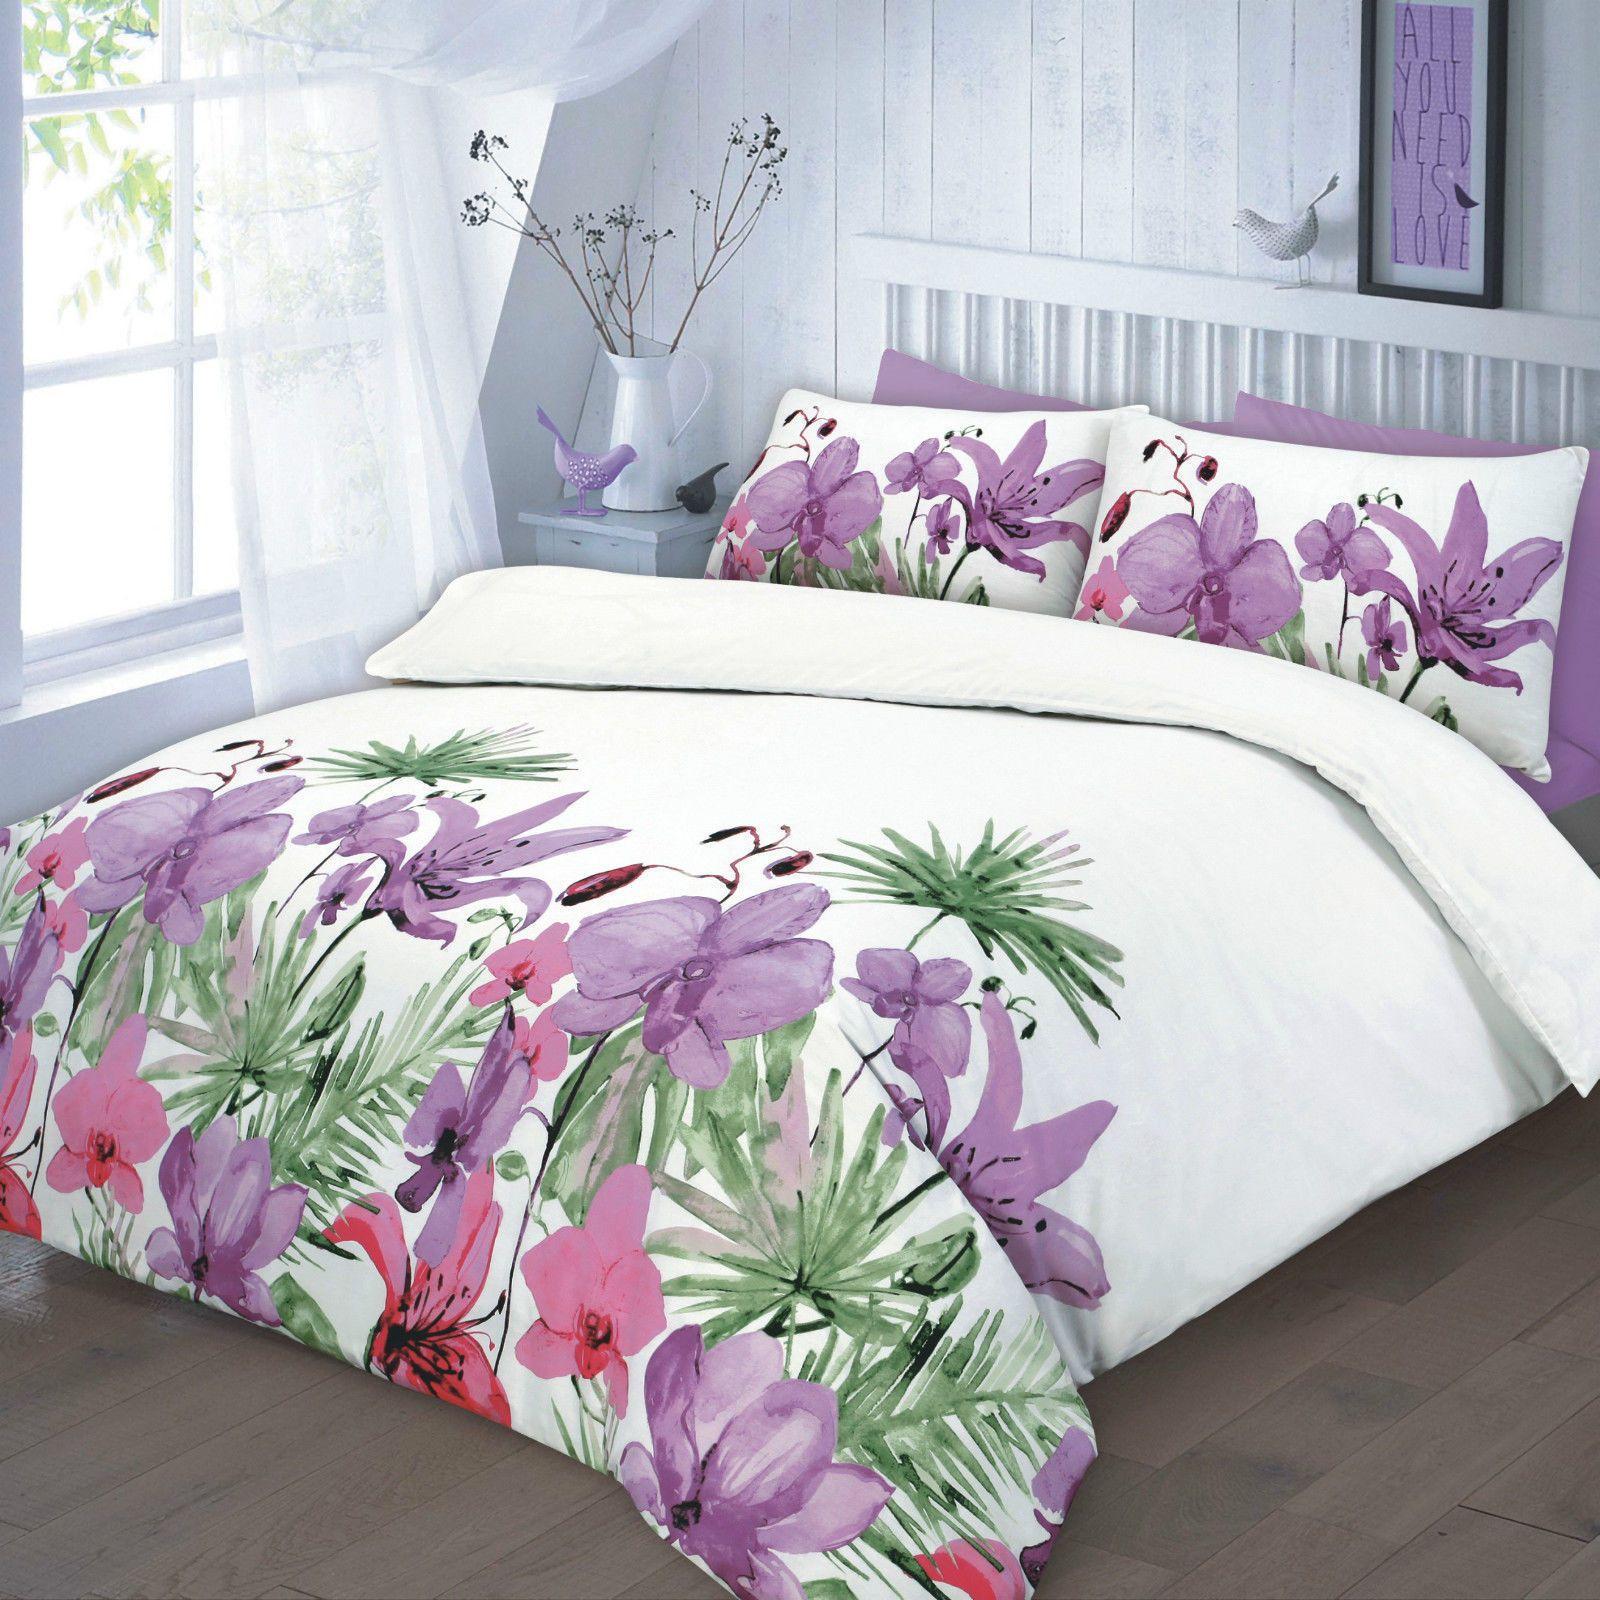 Lily Floral Duvet Quilt Bedding Set in 2020 Bed linen